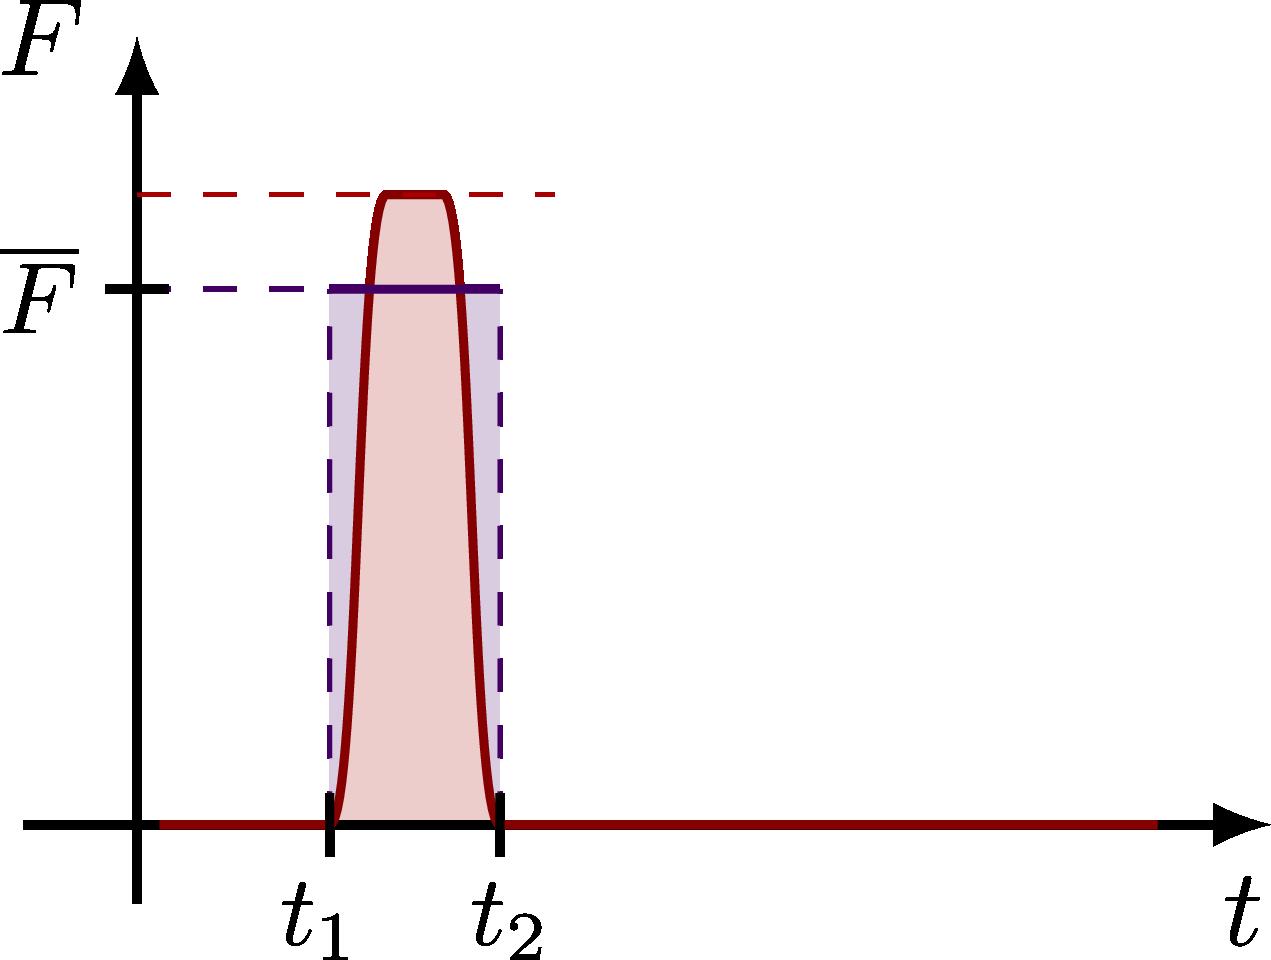 dynamics_impulse-002.png